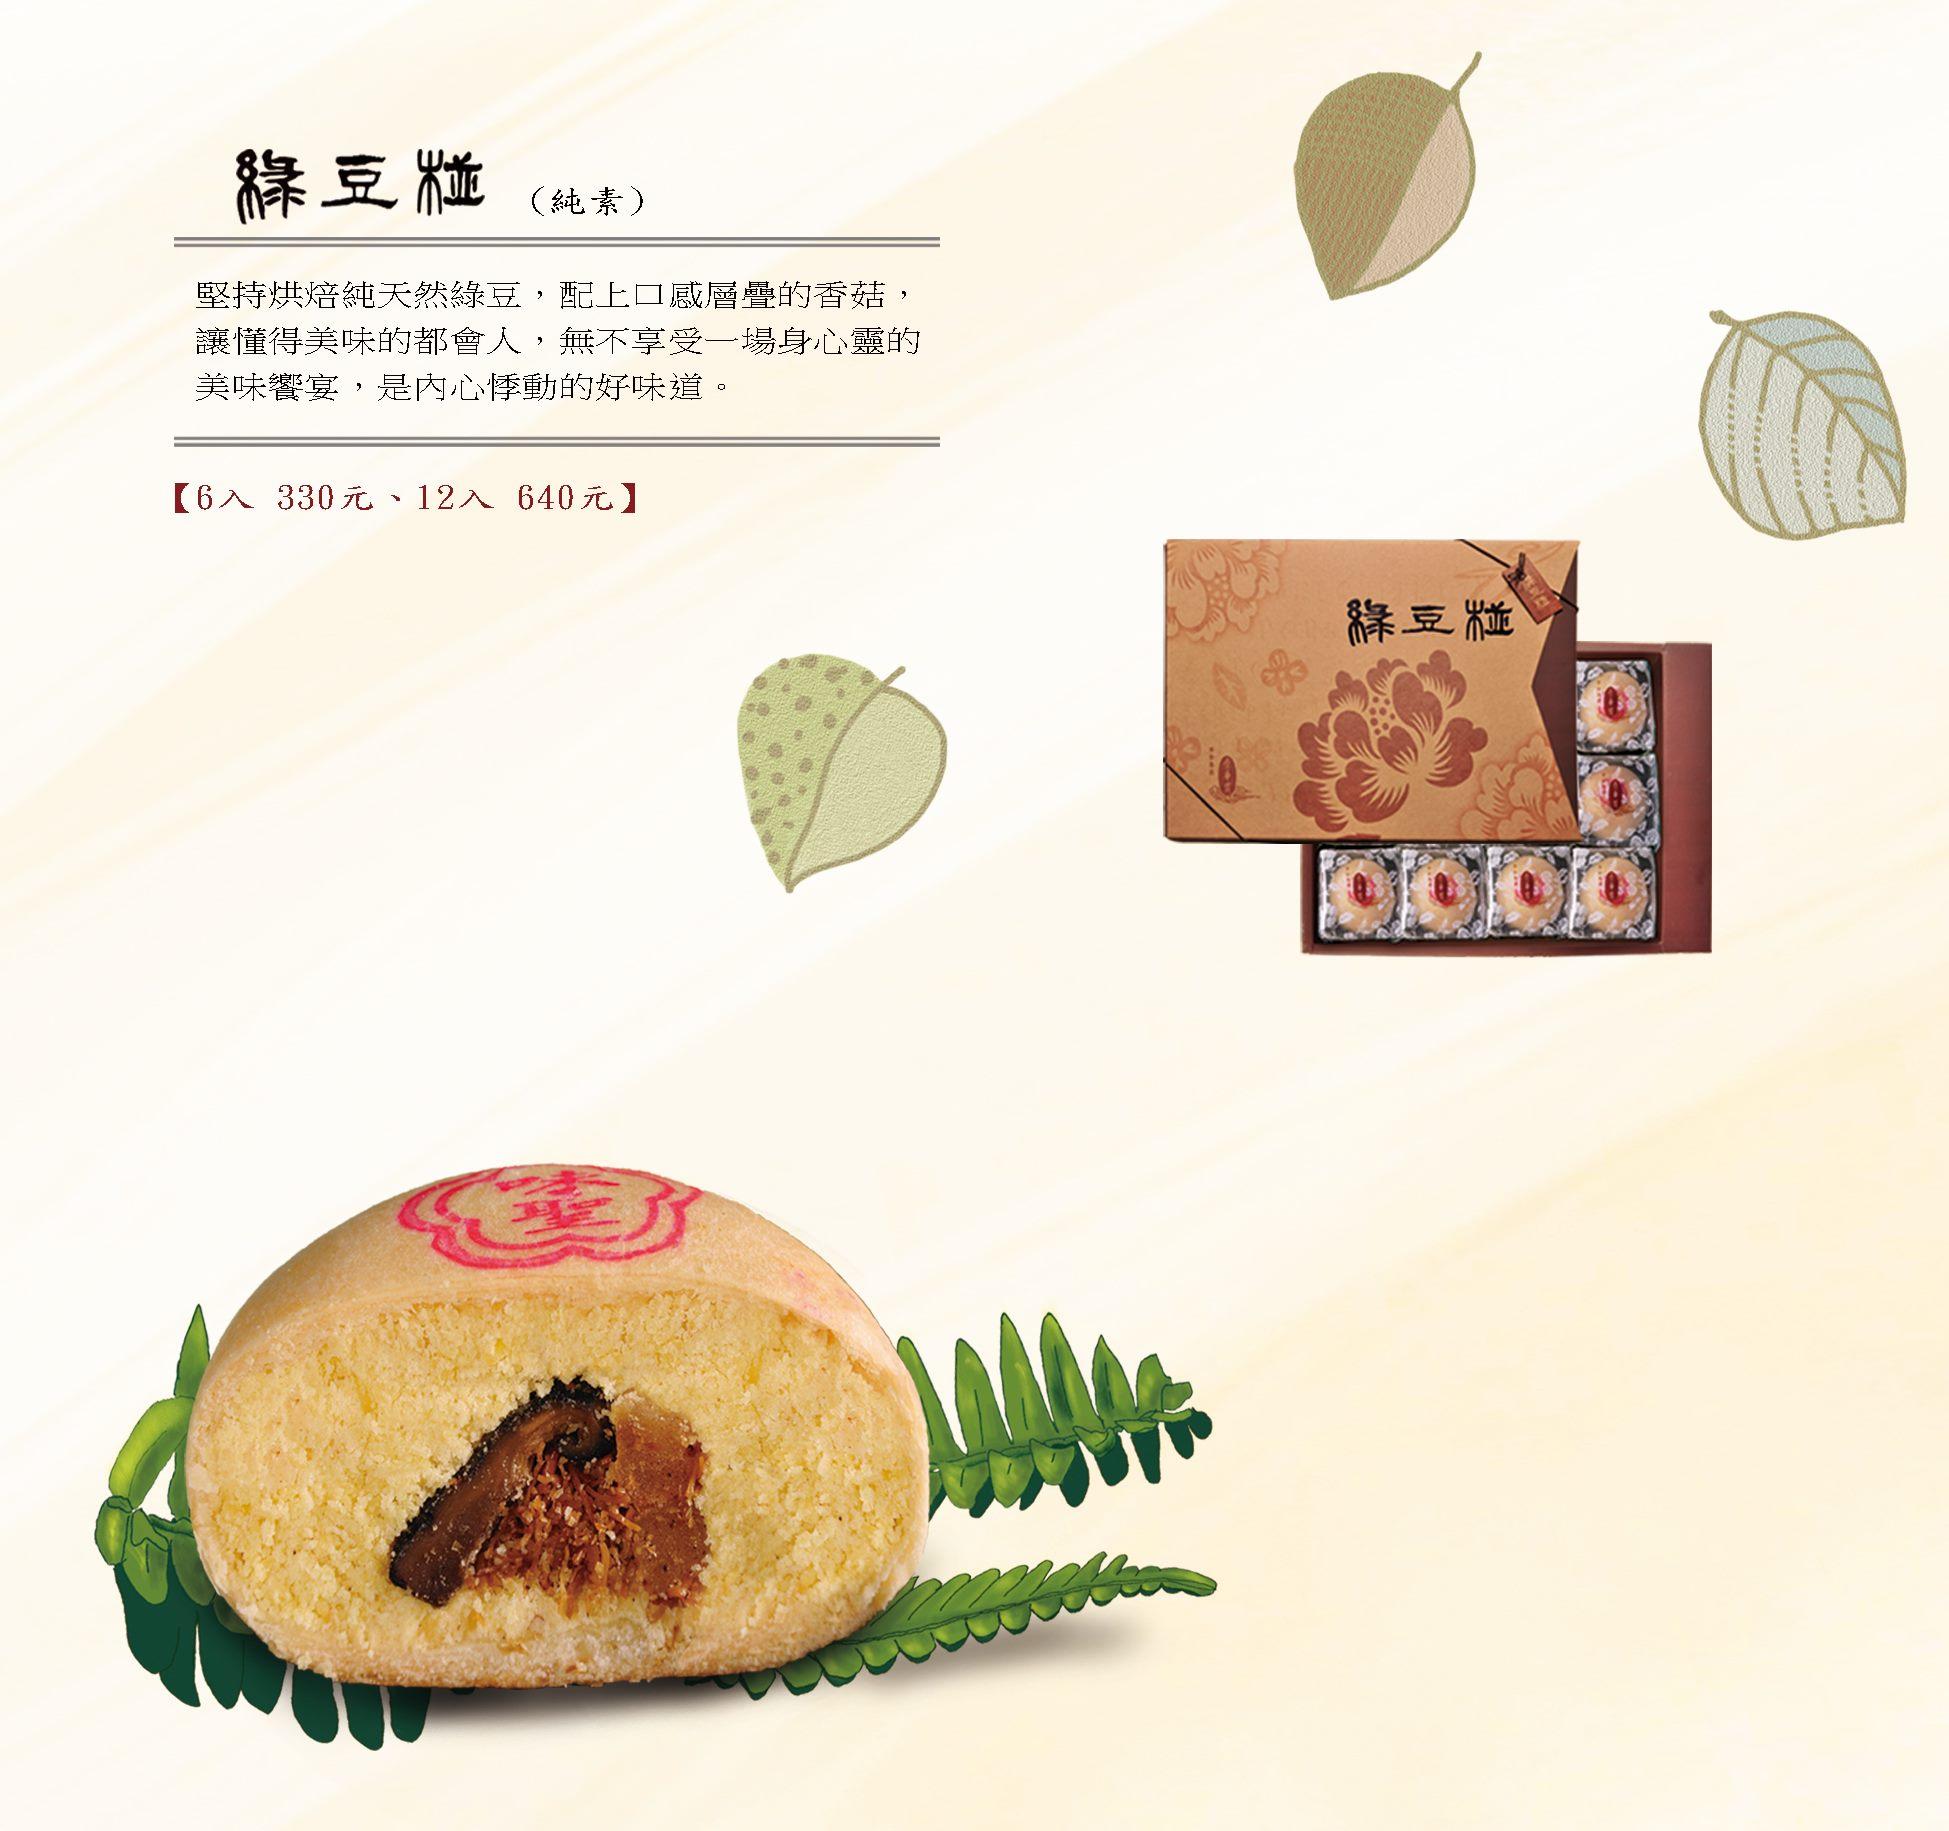 綠豆椪,手作餅乾,不掉屑鳳梨酥,手工糕點,小熊魚手作,手工醬料,崇華齋,月餅